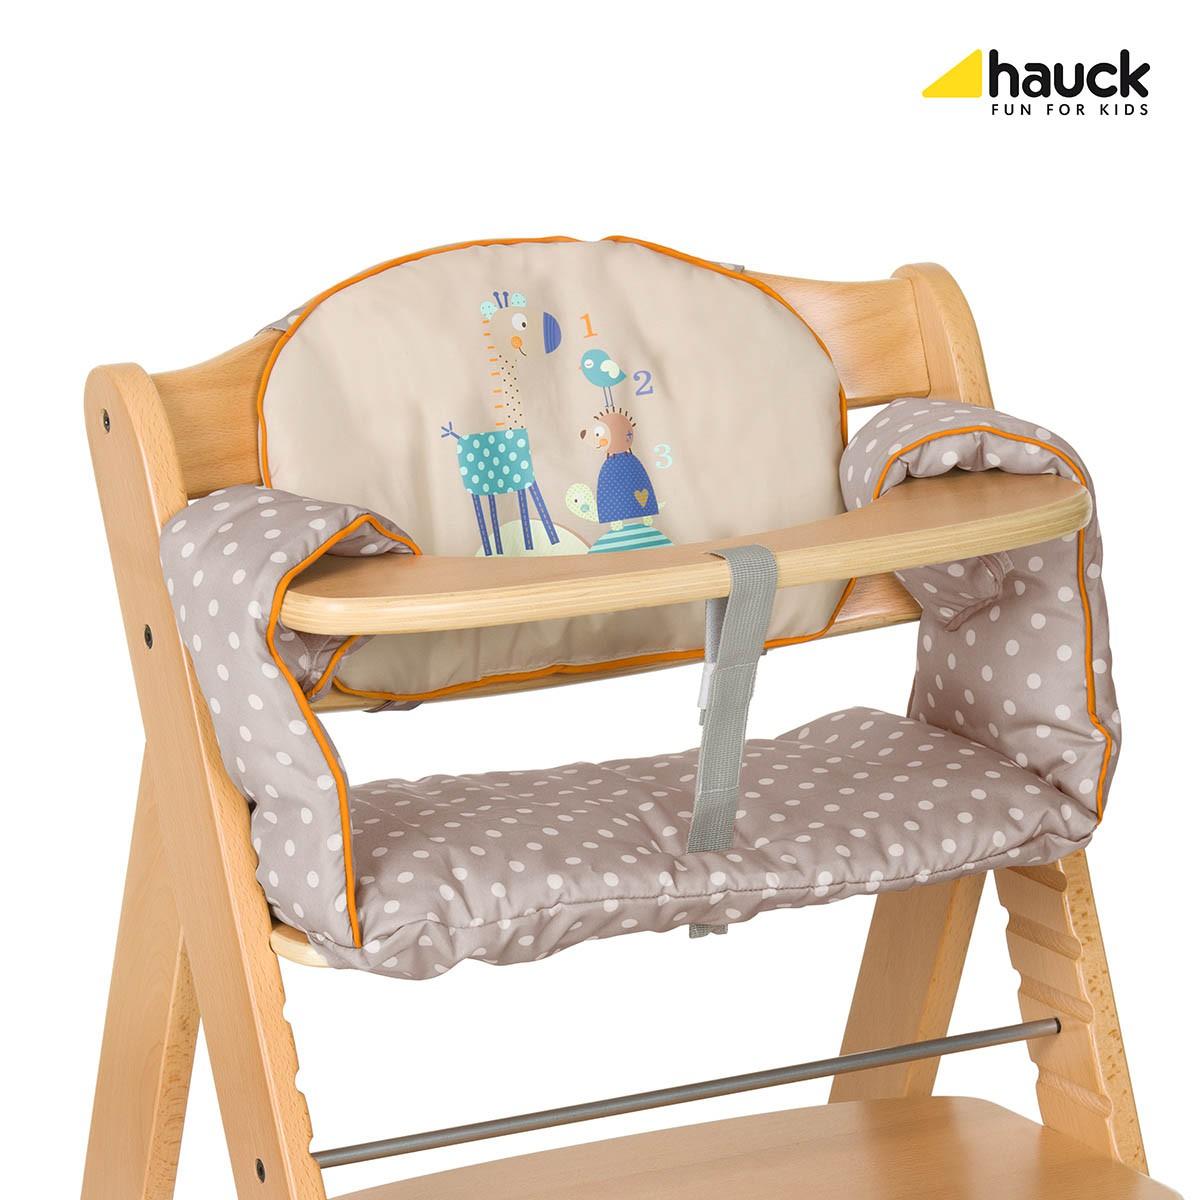 Hauck Seatpad Comfort